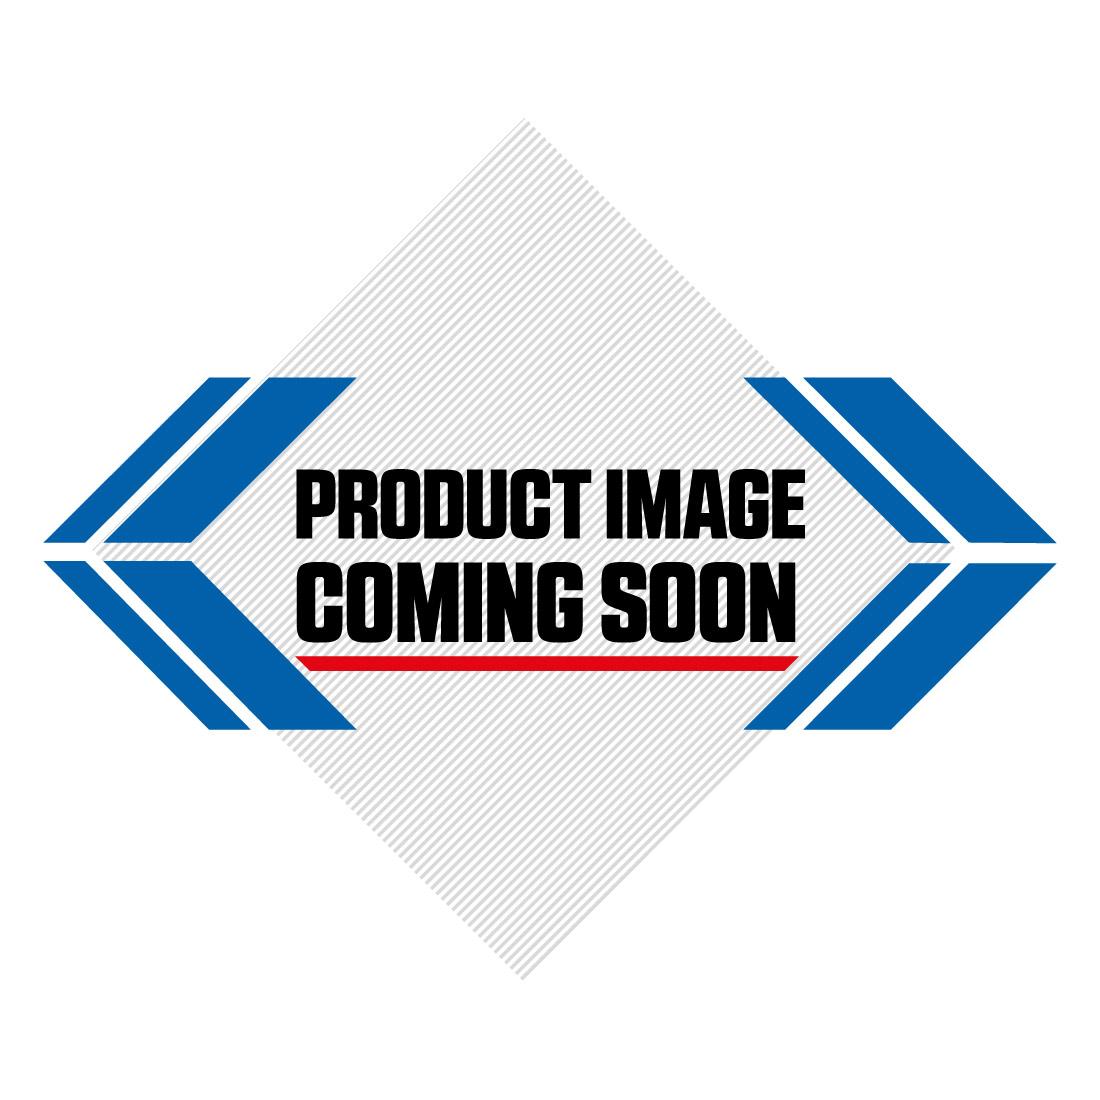 Front fender Husqvarna 80 125cc, Accossato 80cc, Aim 80cc (1980-85) Image-0